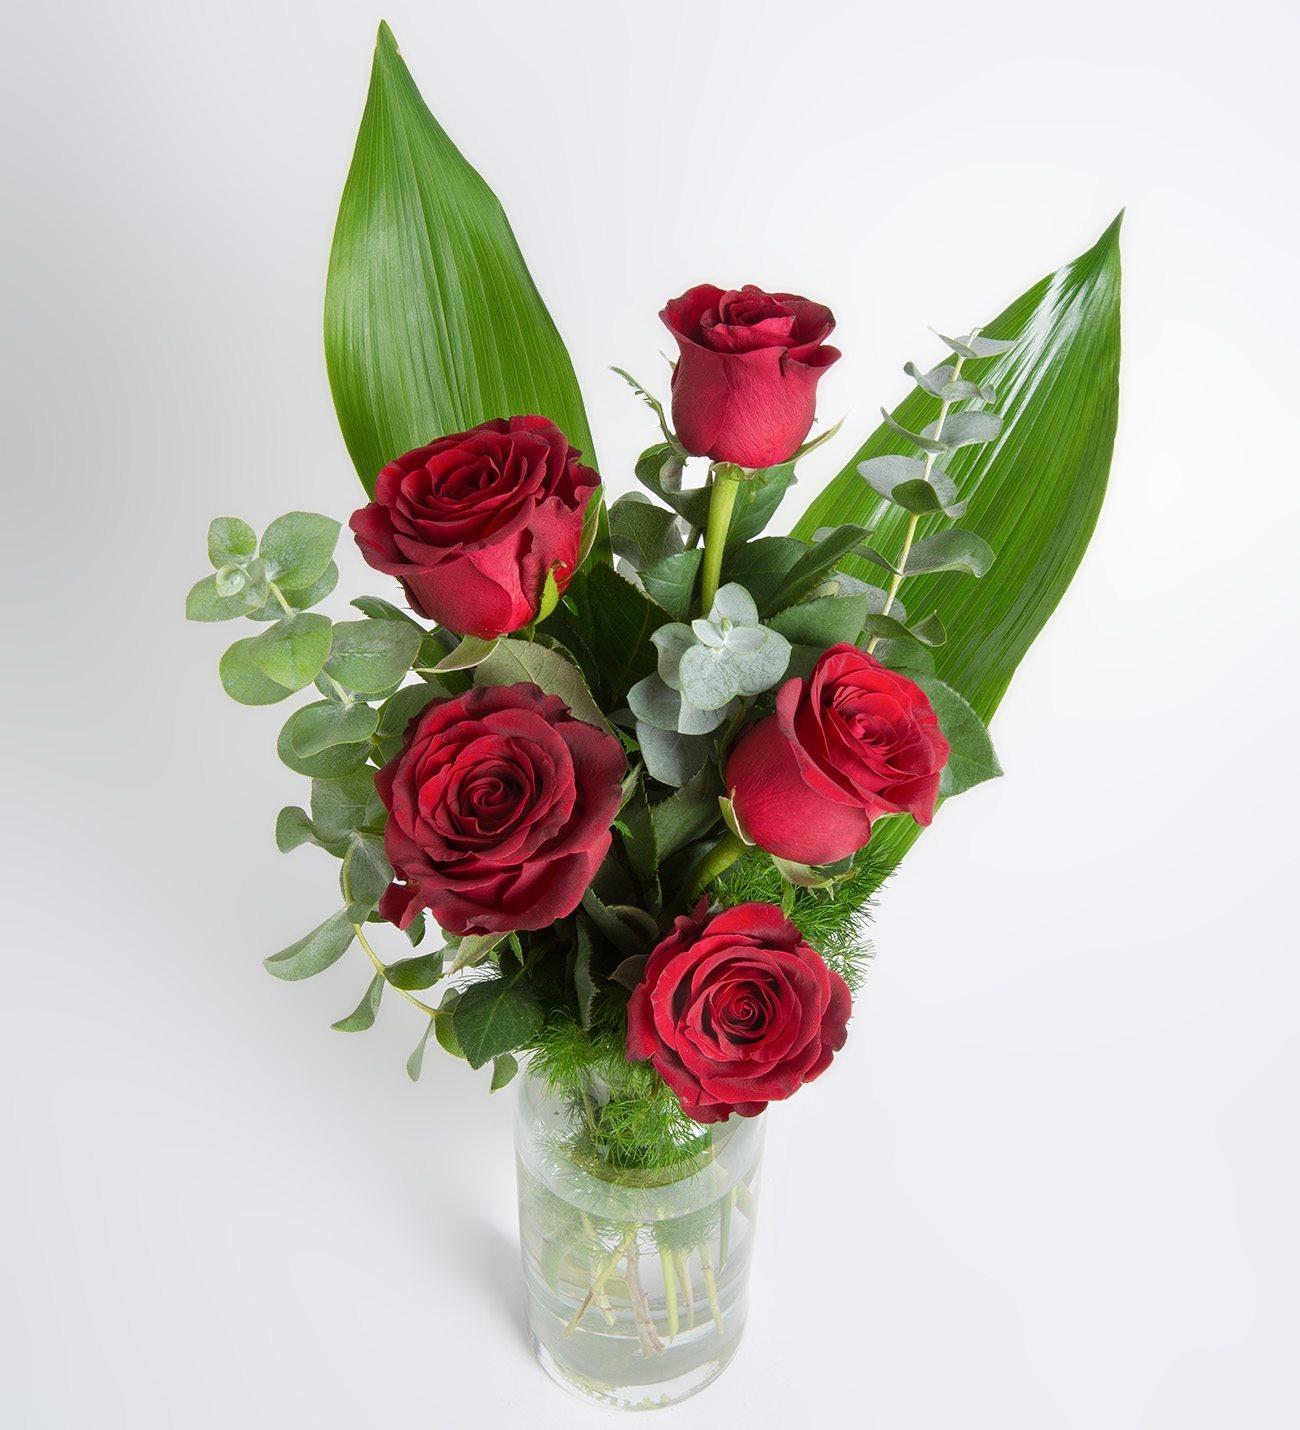 Ramillete 5 Rosas Rojas Y Hojas Verdes En Jarrón De Cristal